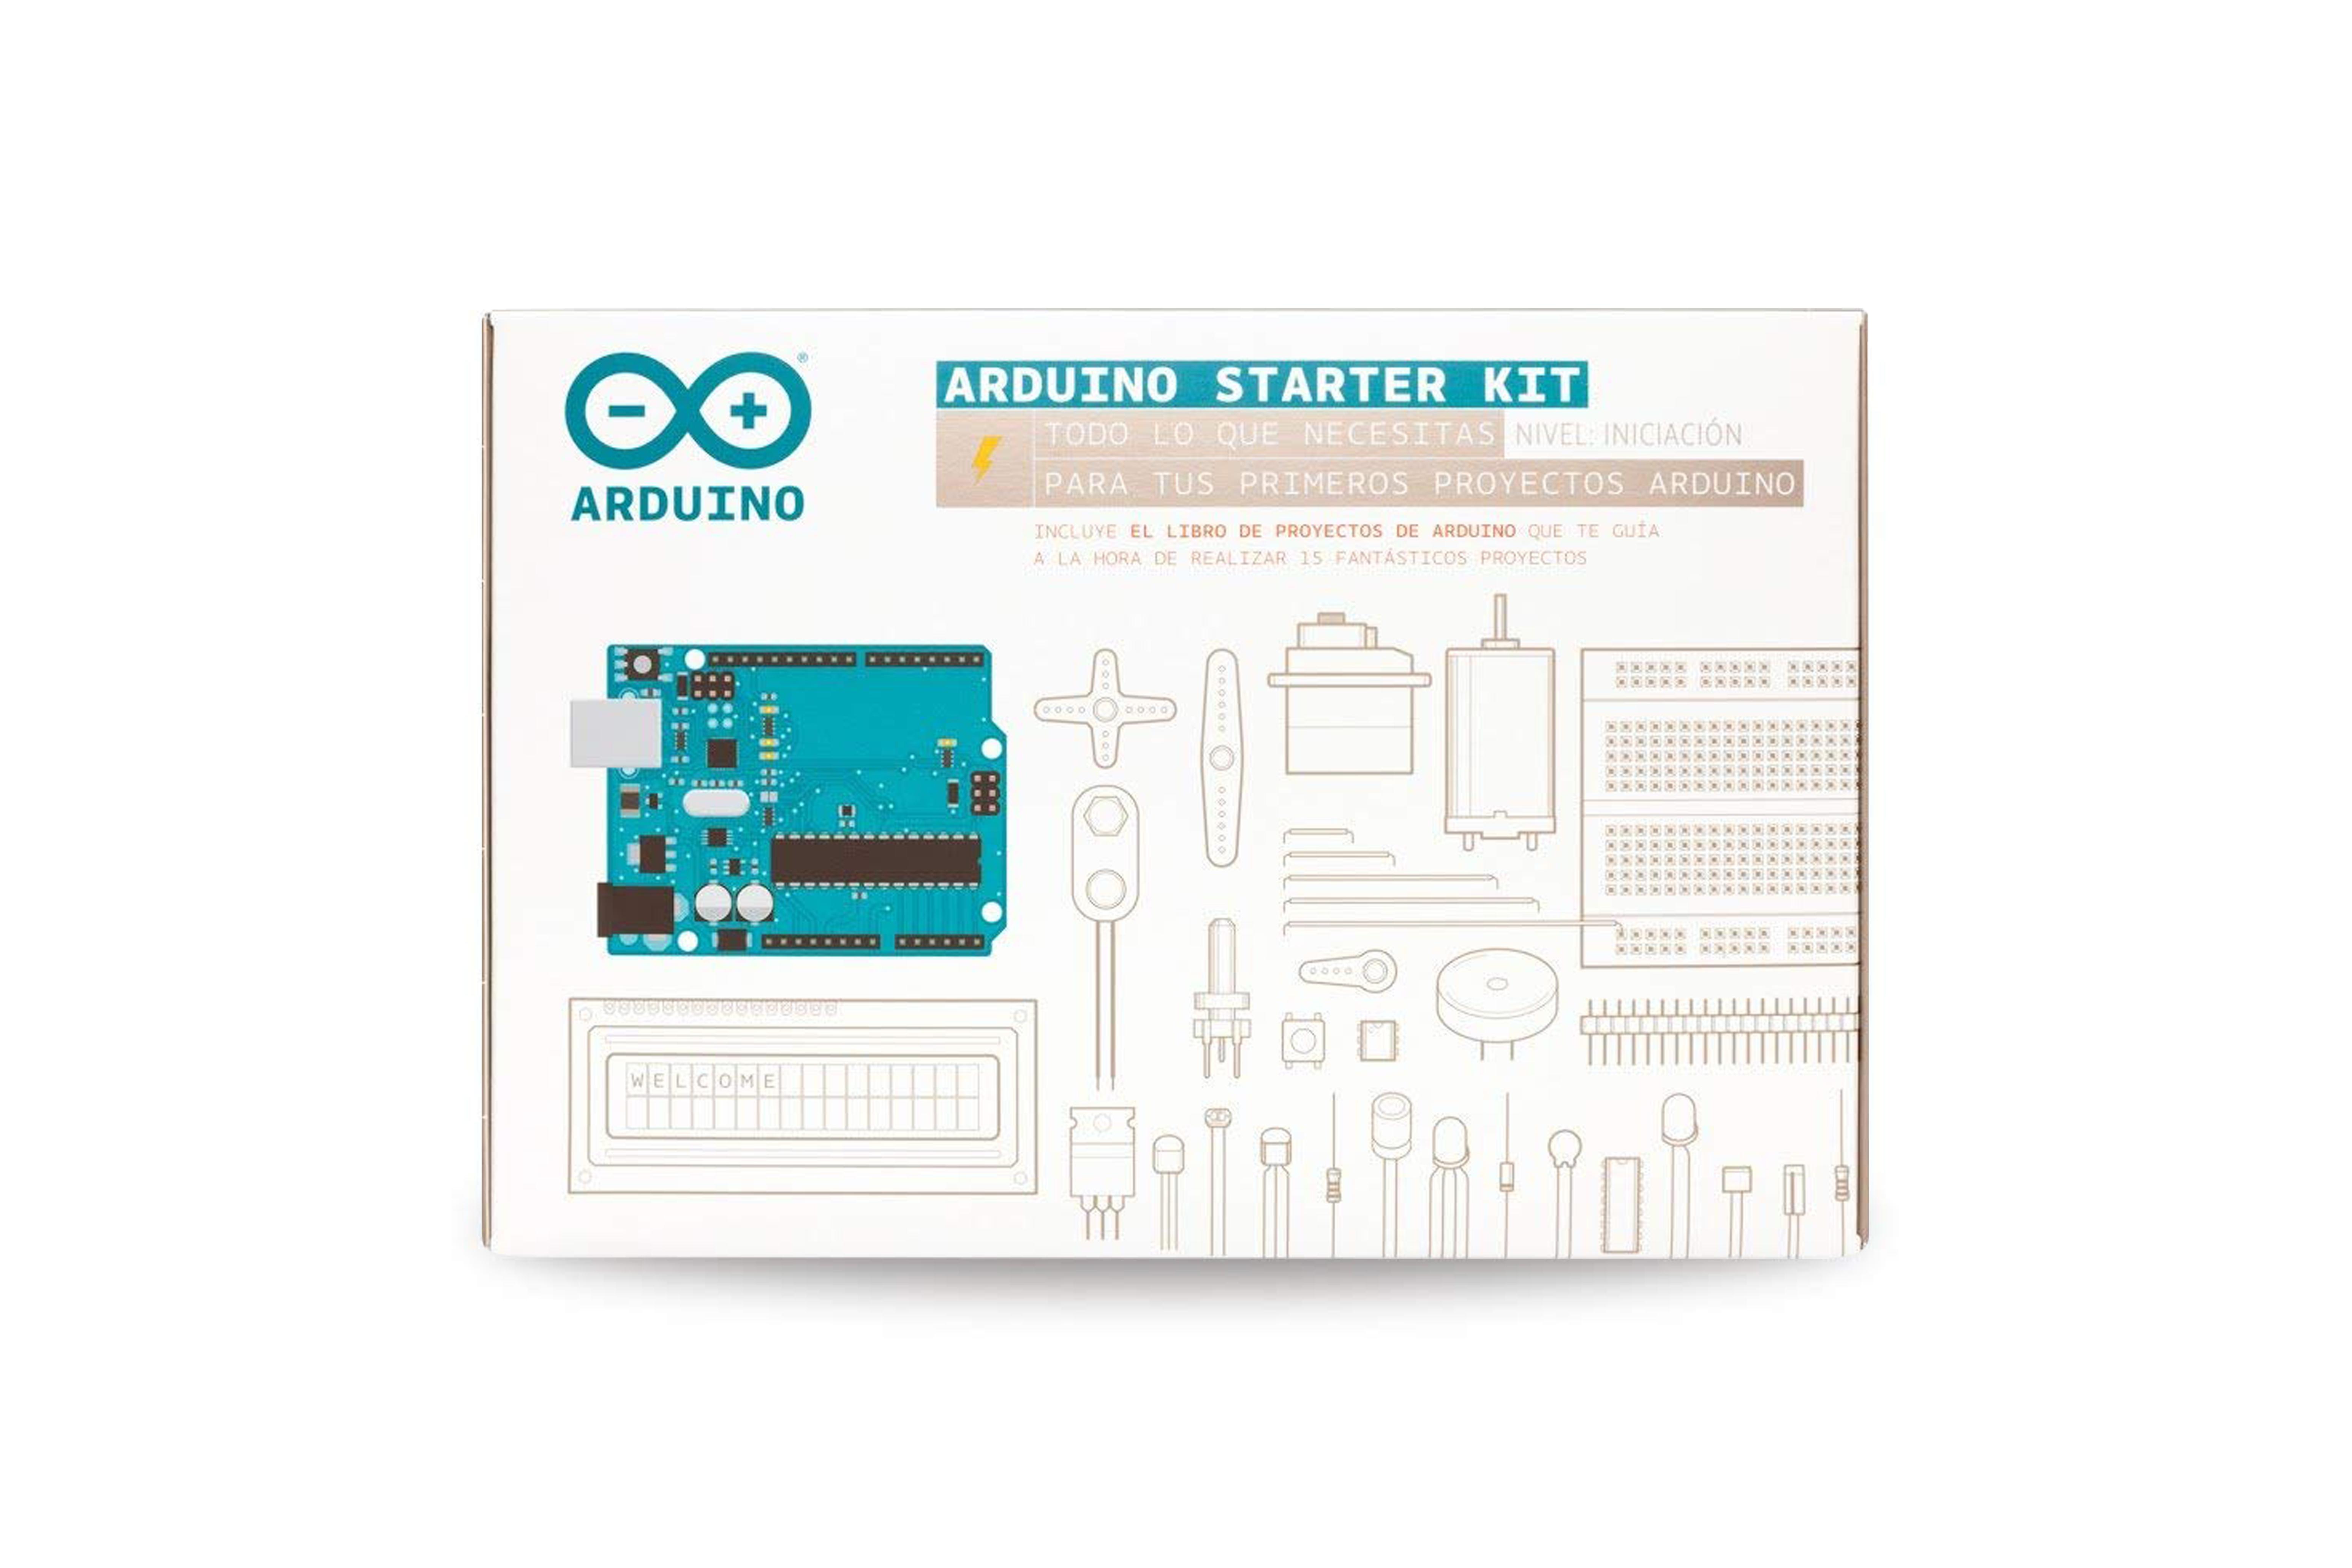 Kit de démarrage Arduino pour l'Espagne